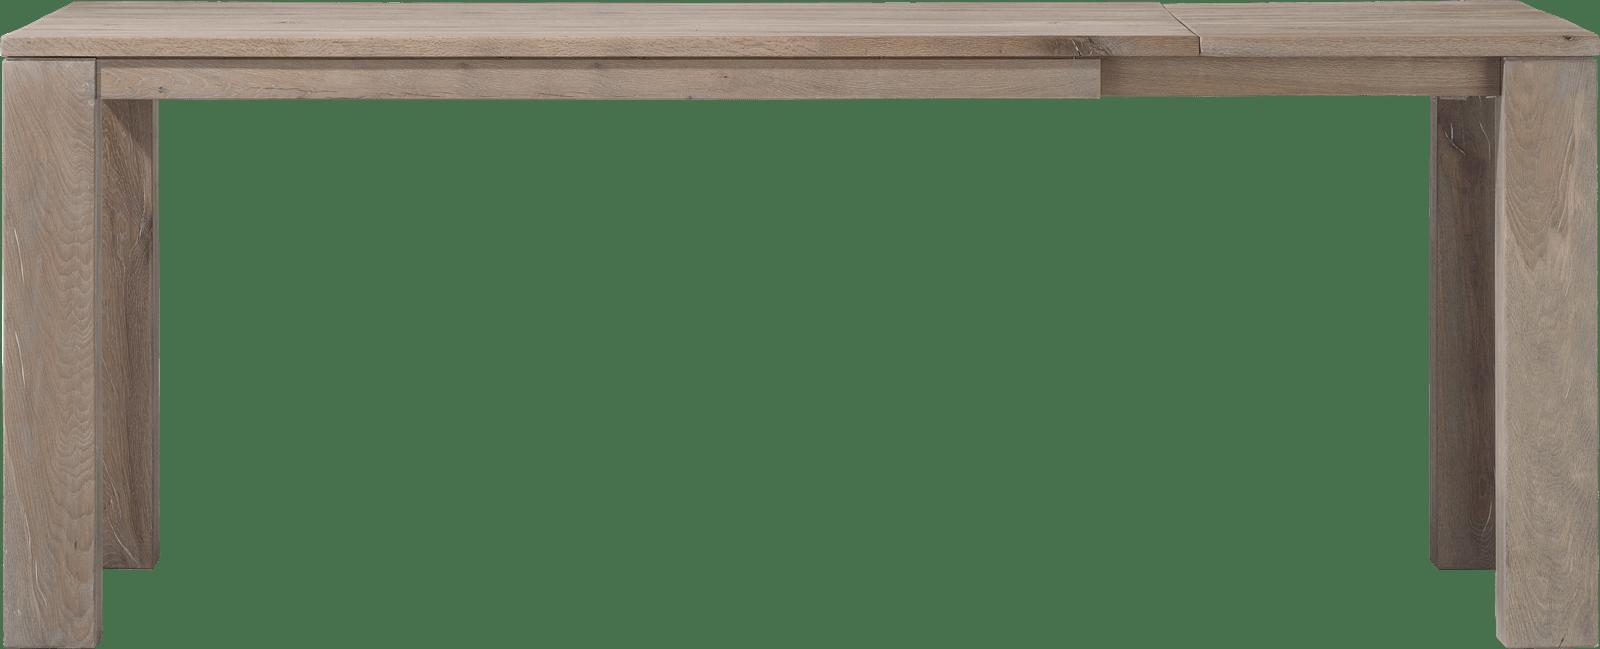 Masters - uitschuif-bartafel 180 (+ 60) x 90 cm - hout 12x12/10x14